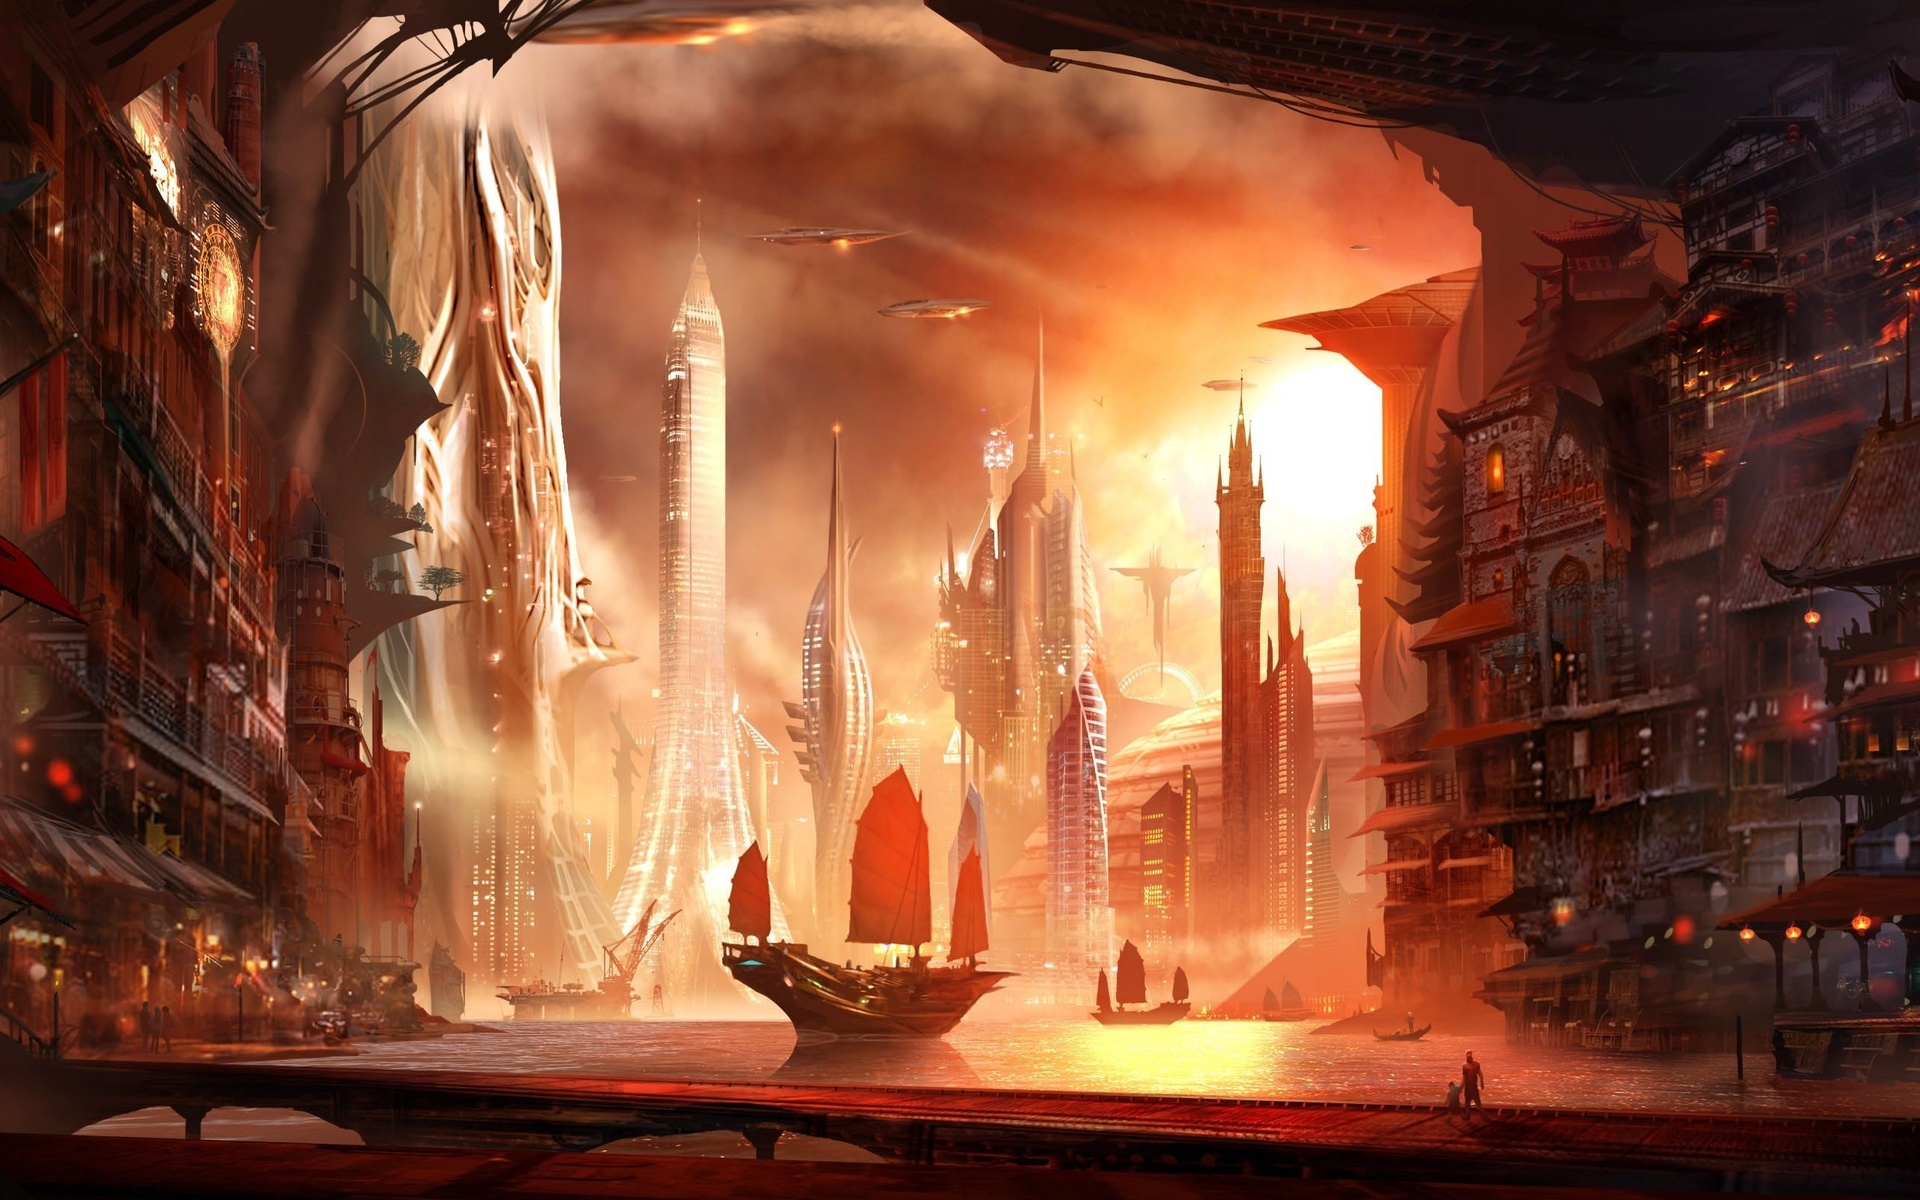 город, alex ruiz, корабль, арт, люди